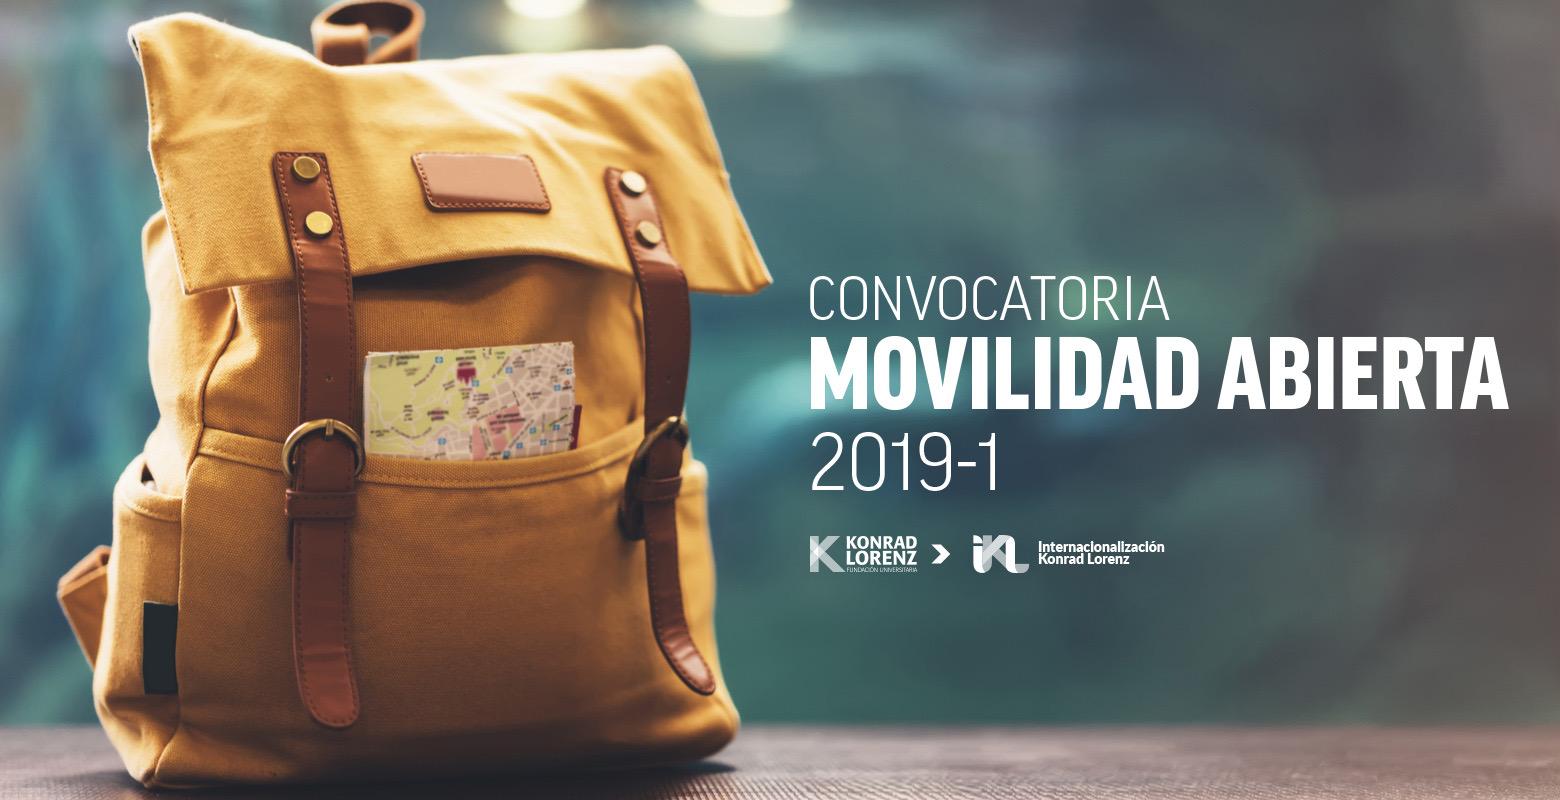 Convocatoria de Movilidad 2019-1 Abierta